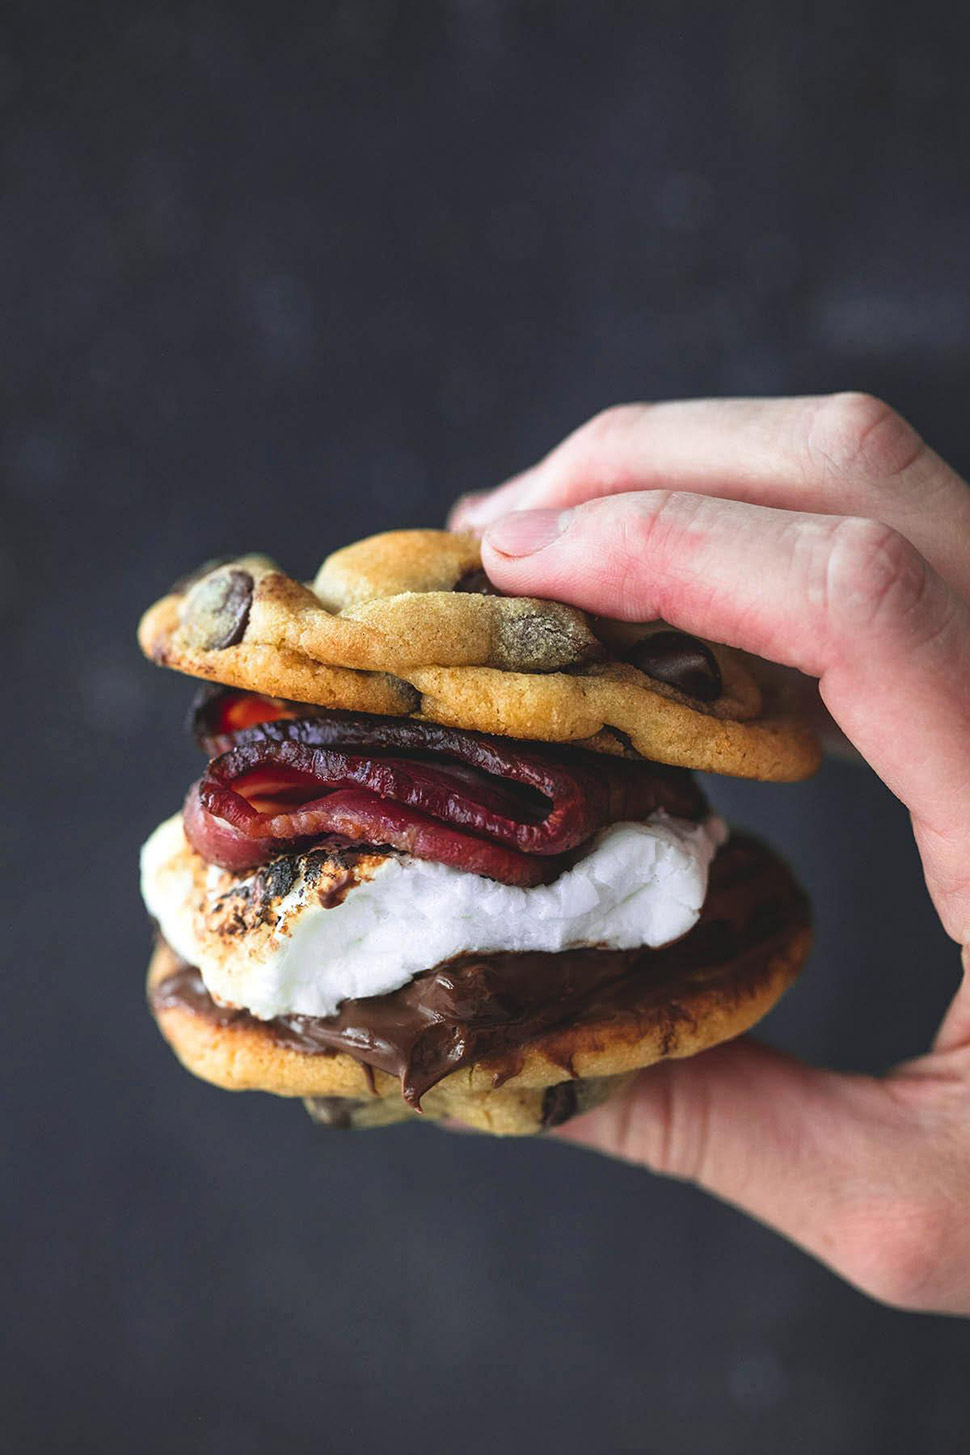 Бутерброд из печенья с шоколадными чипами и беконом.